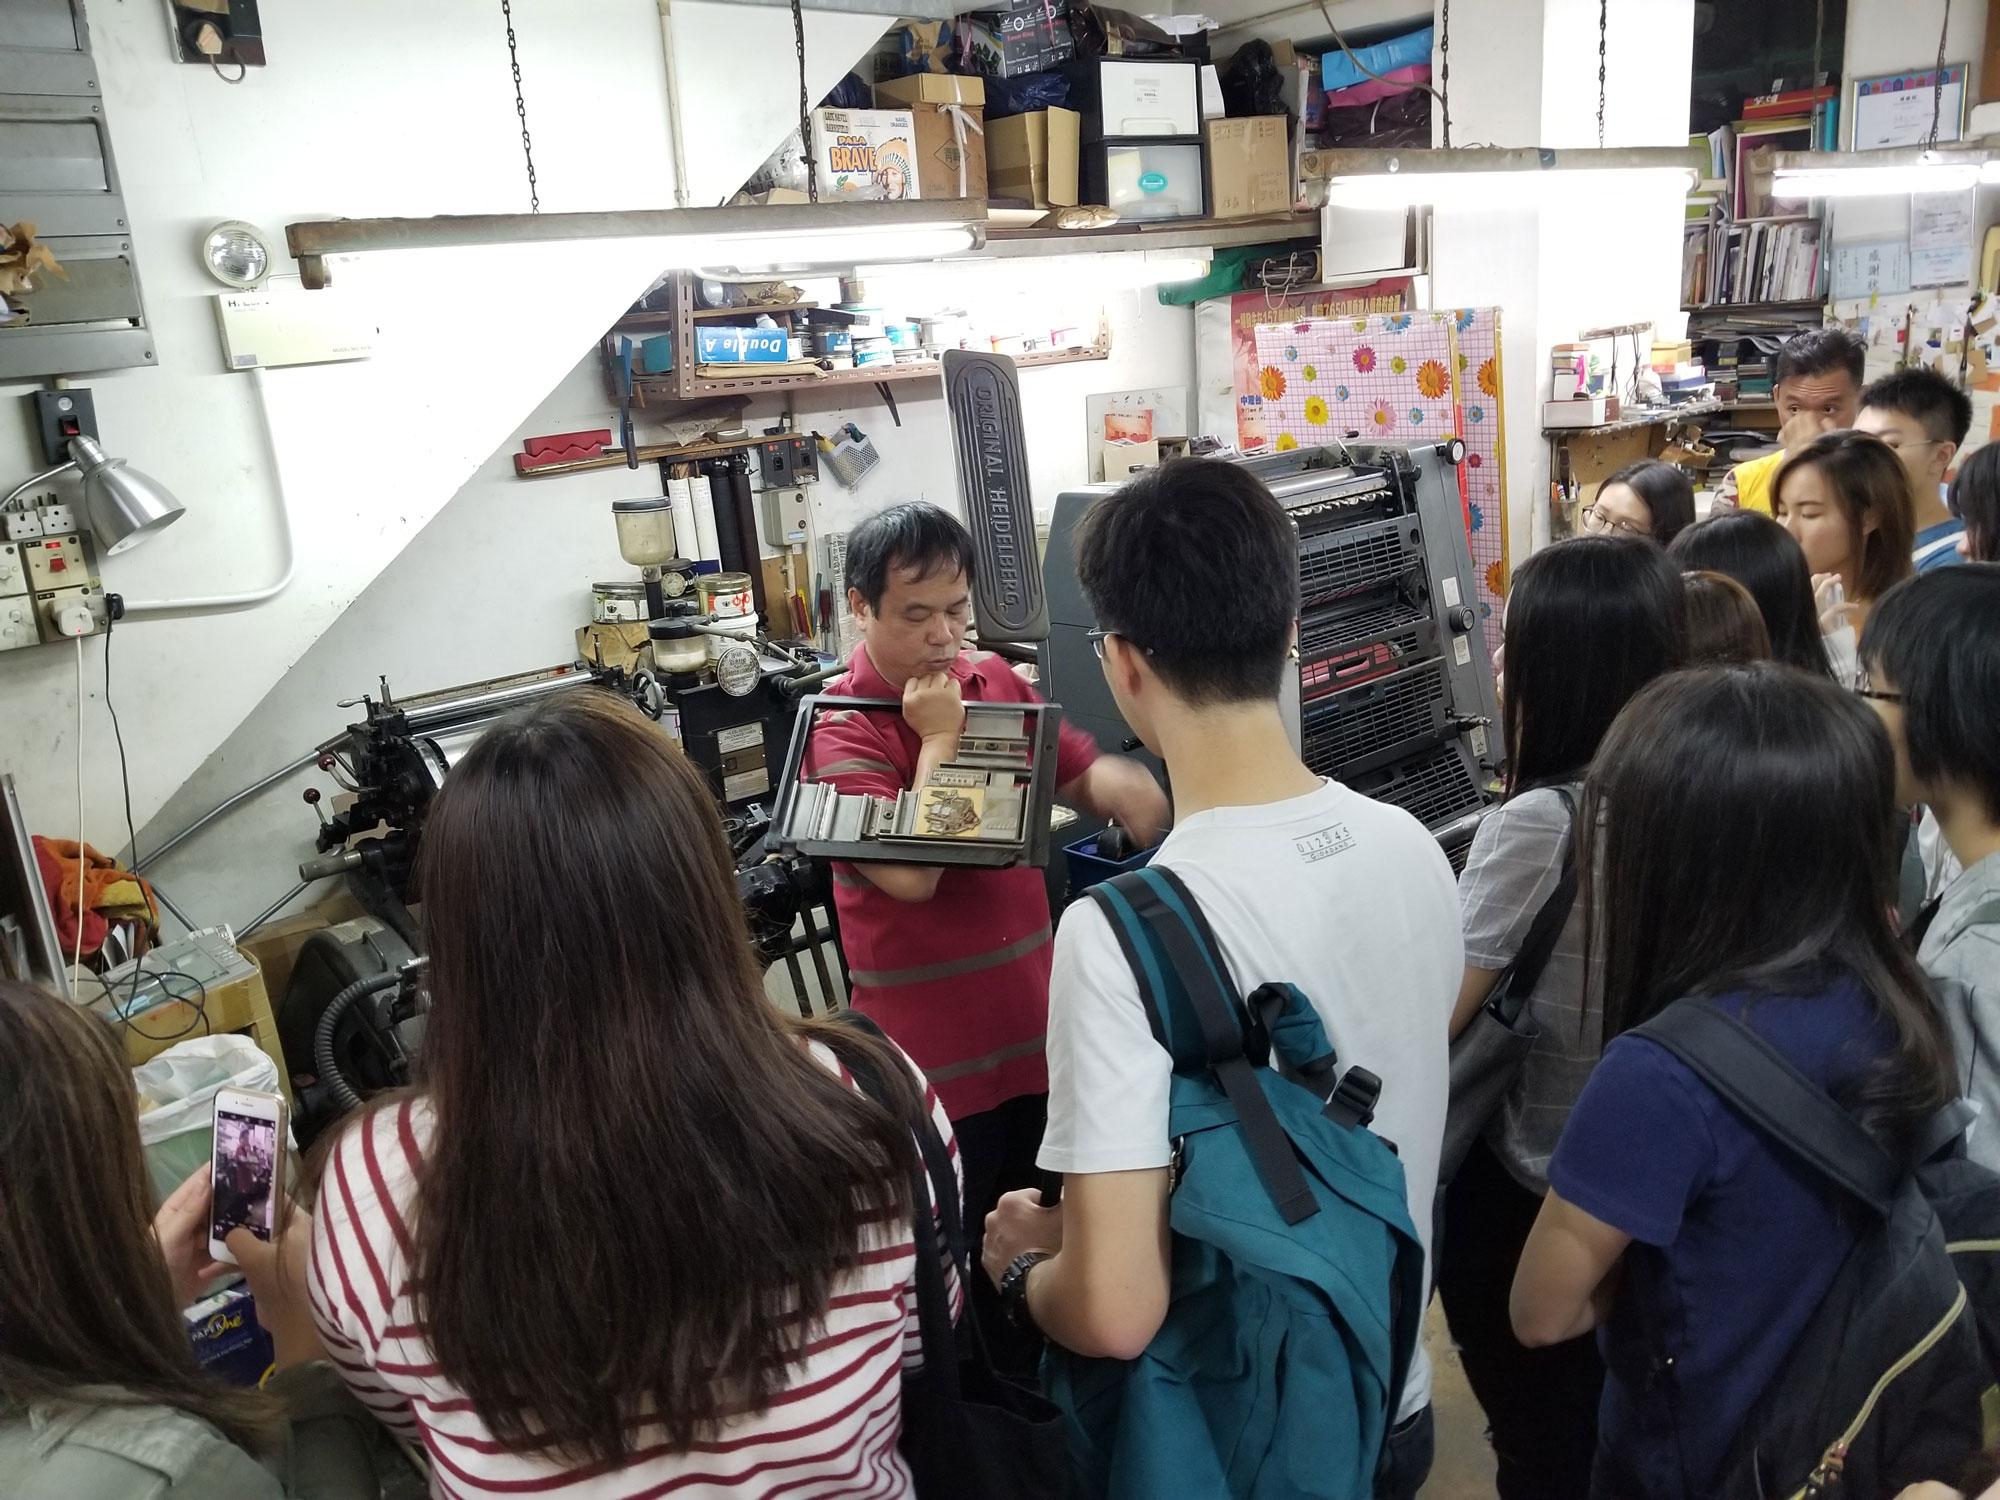 老闆介紹舊式活字印刷機的操作